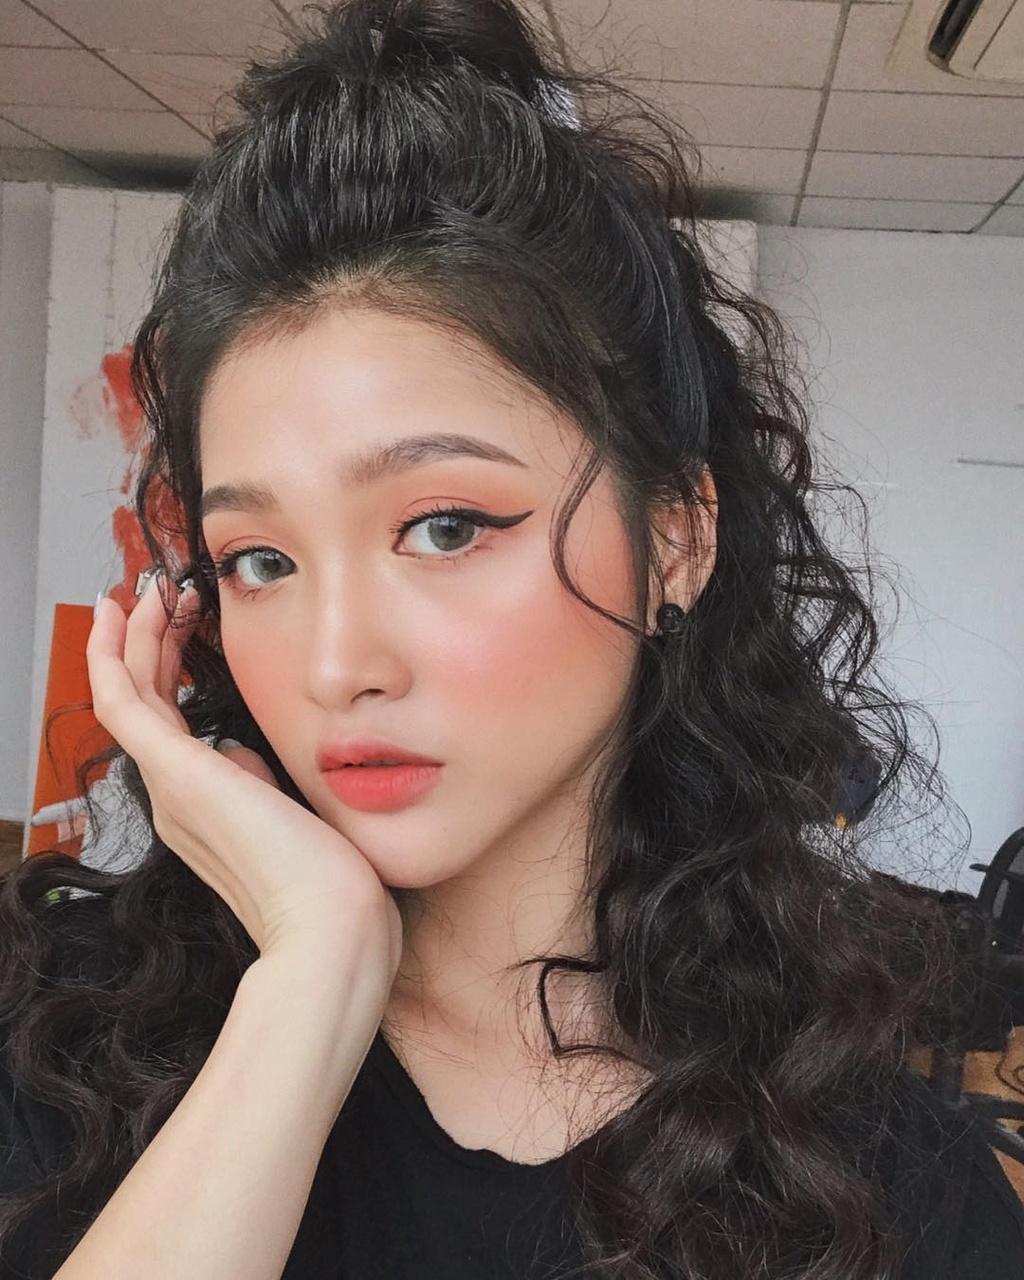 Nhung chiec cam V-line dang ghen ty cua hot girl Viet hinh anh 9